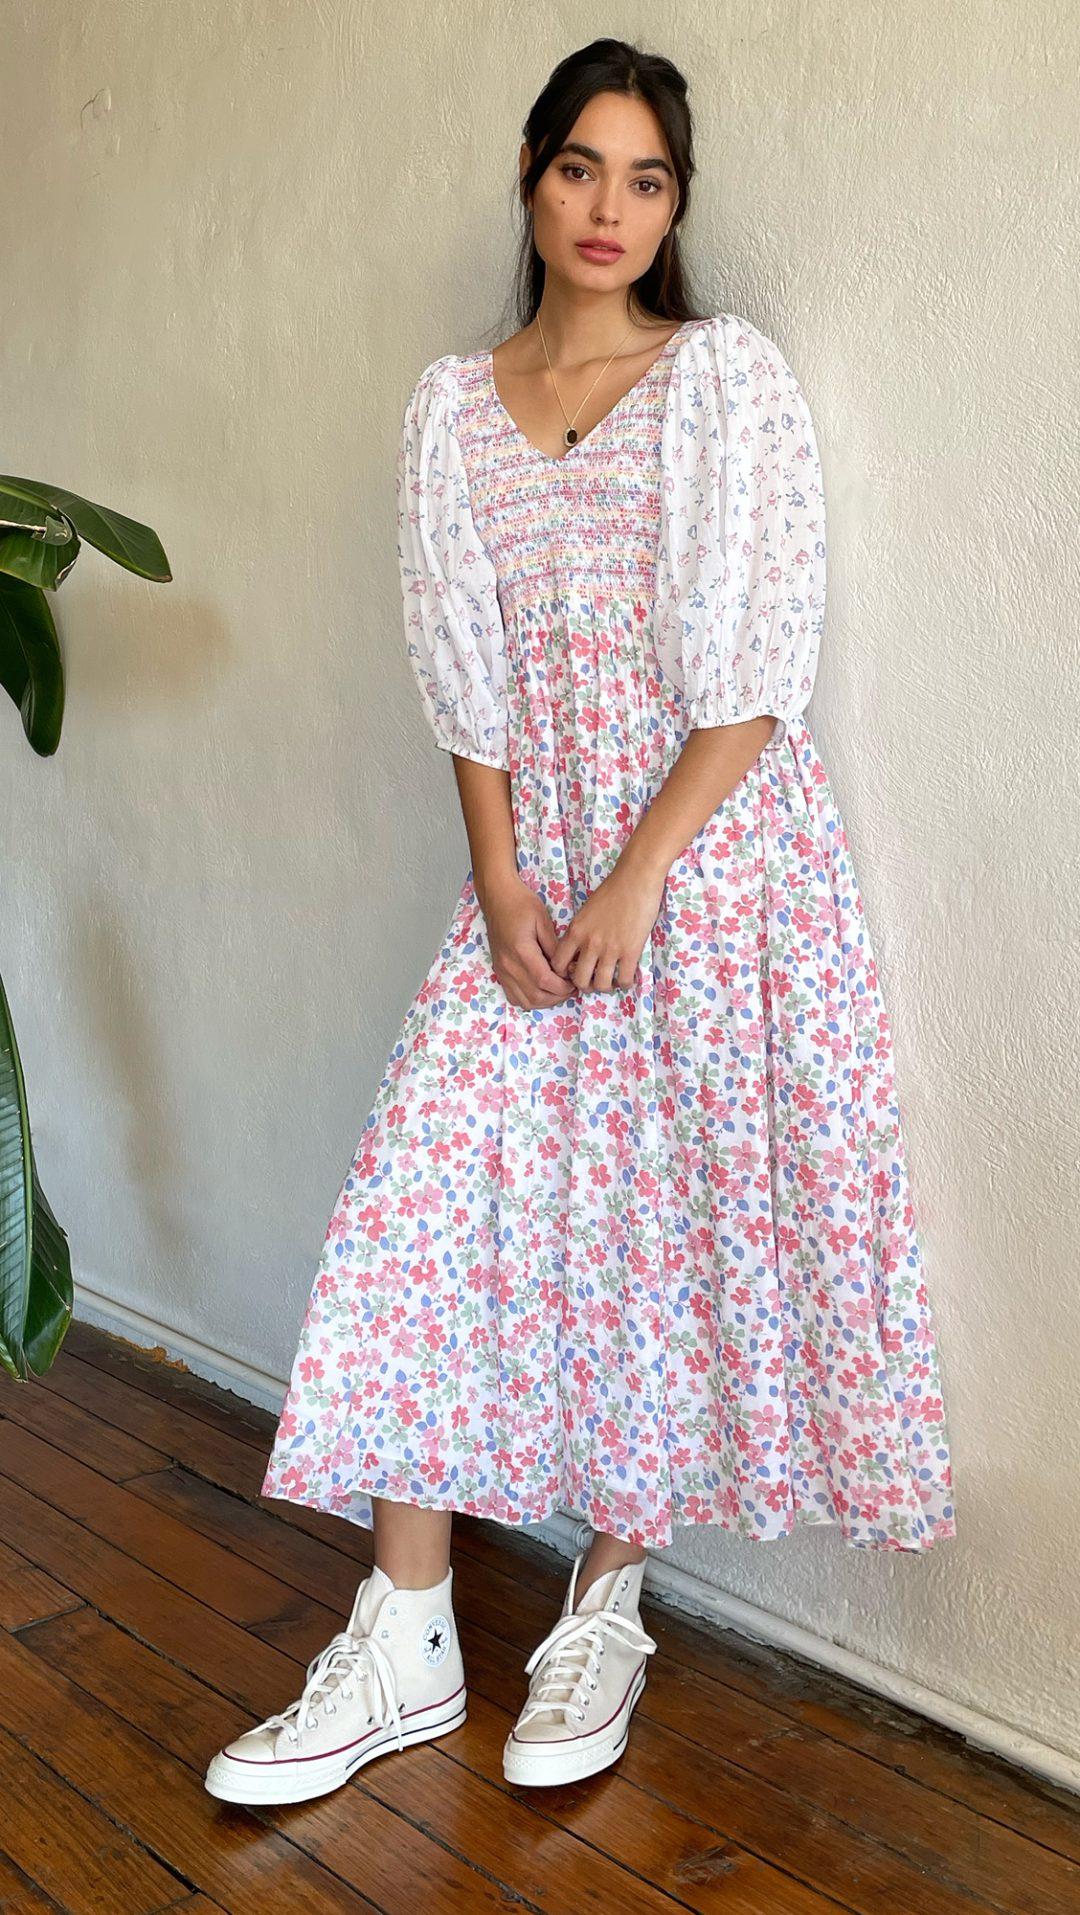 Floral cottagecore dresses